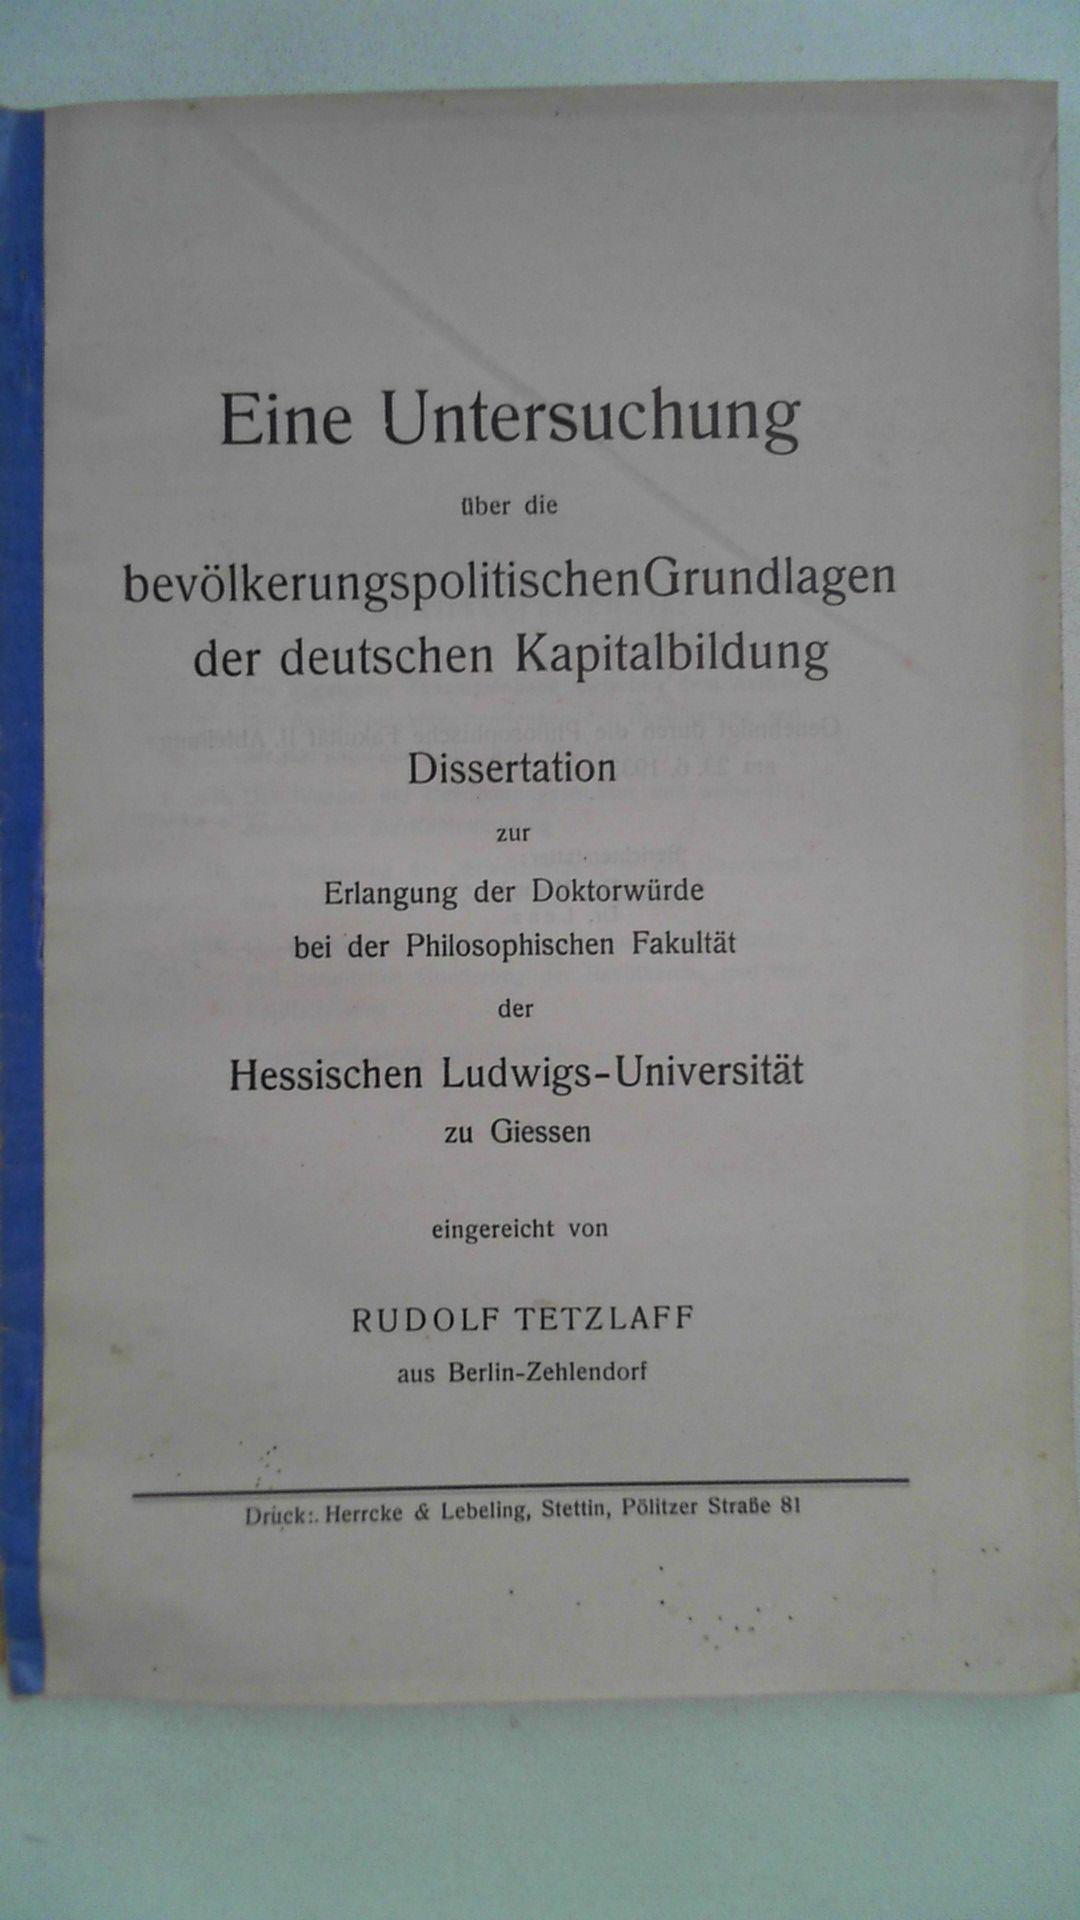 Eine Untersuchung über die bevölkerungspolitischen Grundlagen der: Tetzlaff, Rudolf: